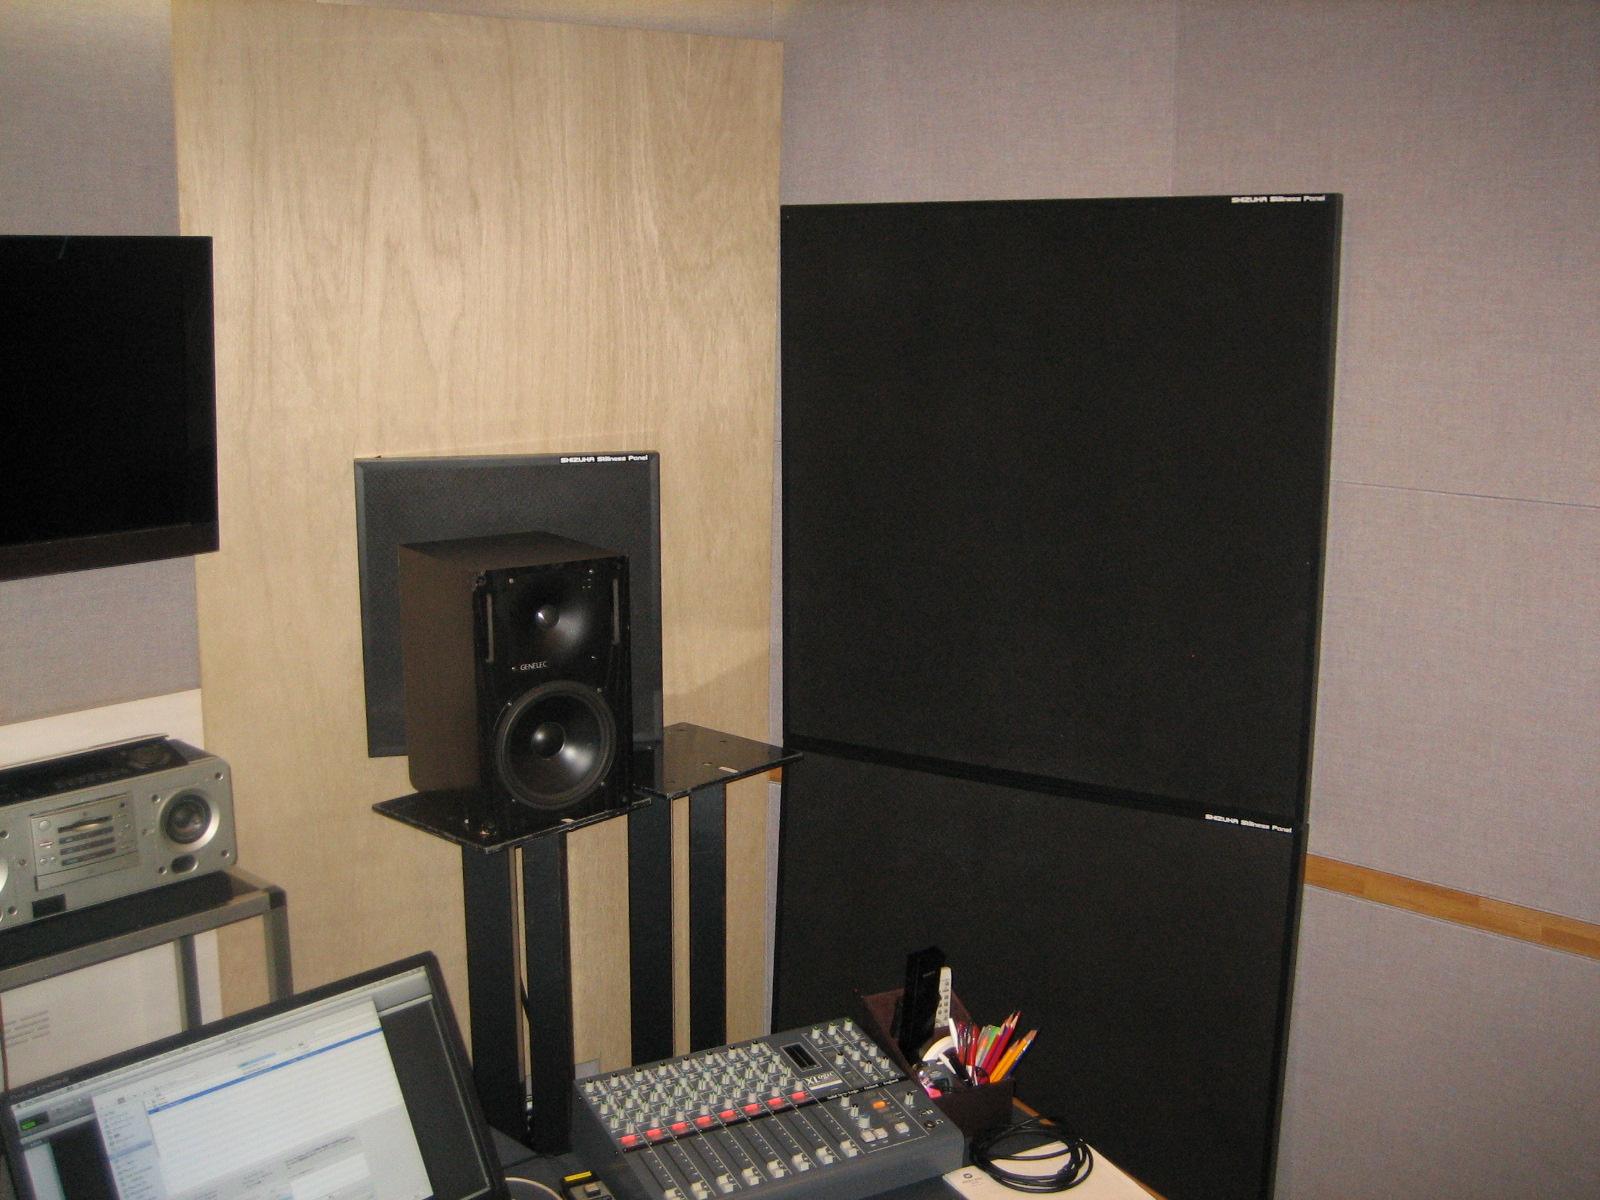 モニター背面、壁に吸音パネルを設置